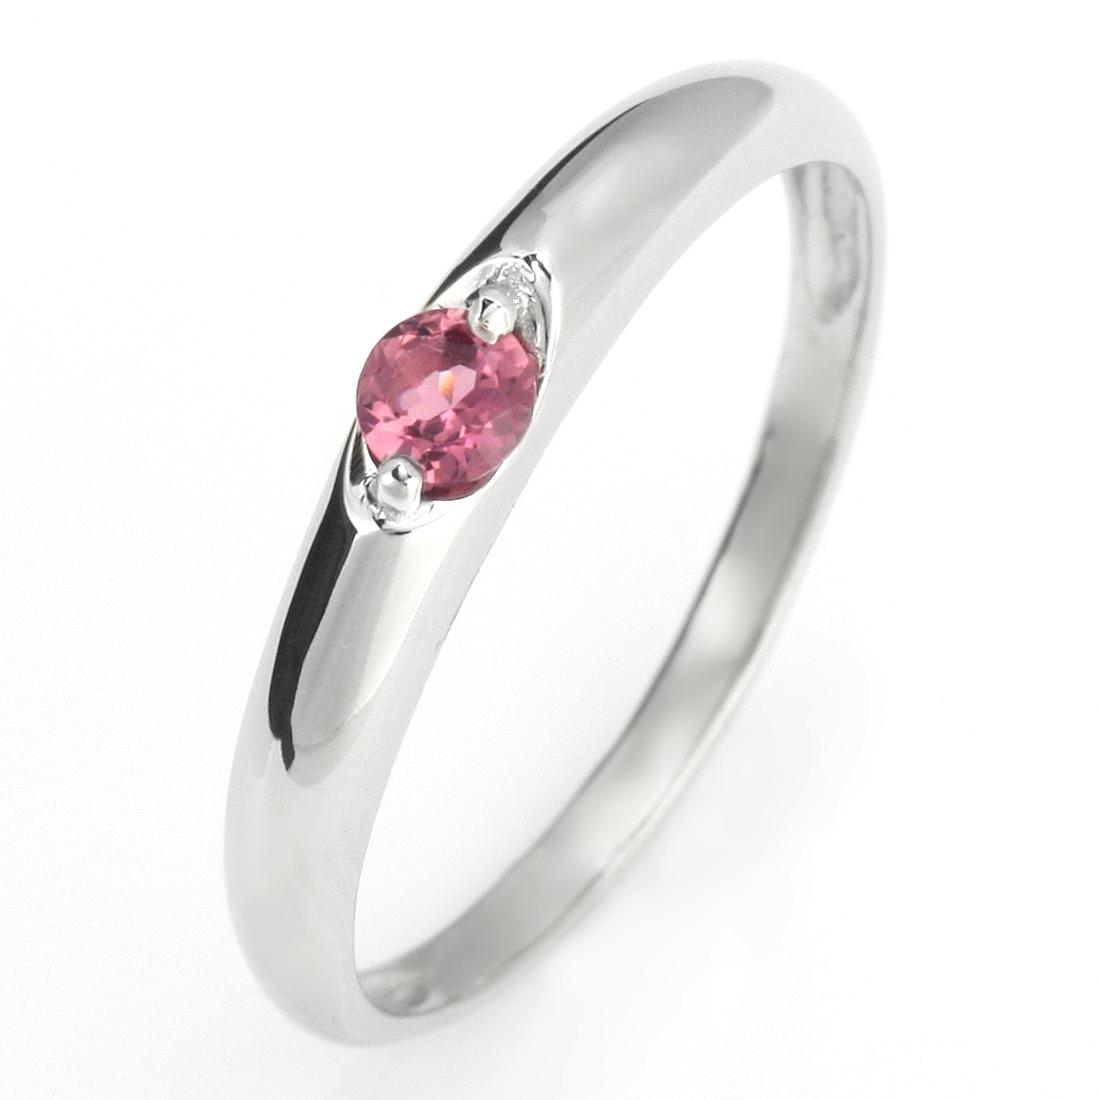 ペアリング 結婚指輪 マリッジリング プラチナ リング ピンクトルマリン 10月 誕生石【DEAL】